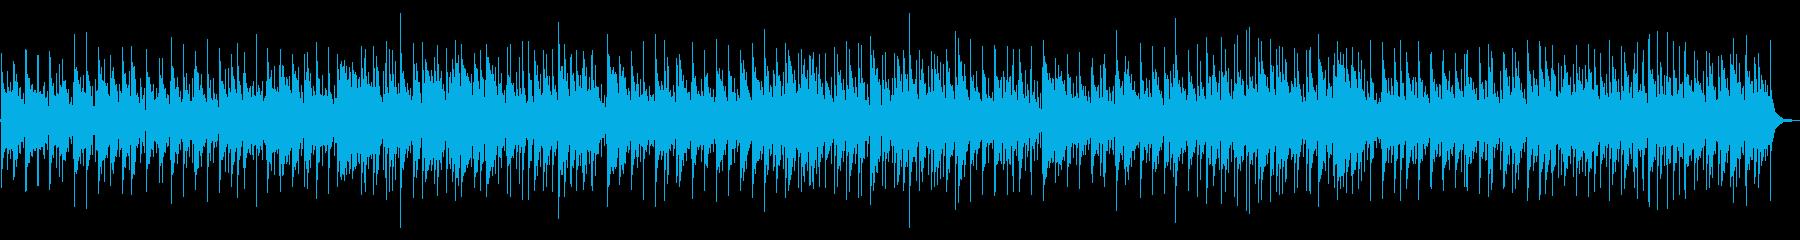 けだるさ感漂うポップボサノバの再生済みの波形